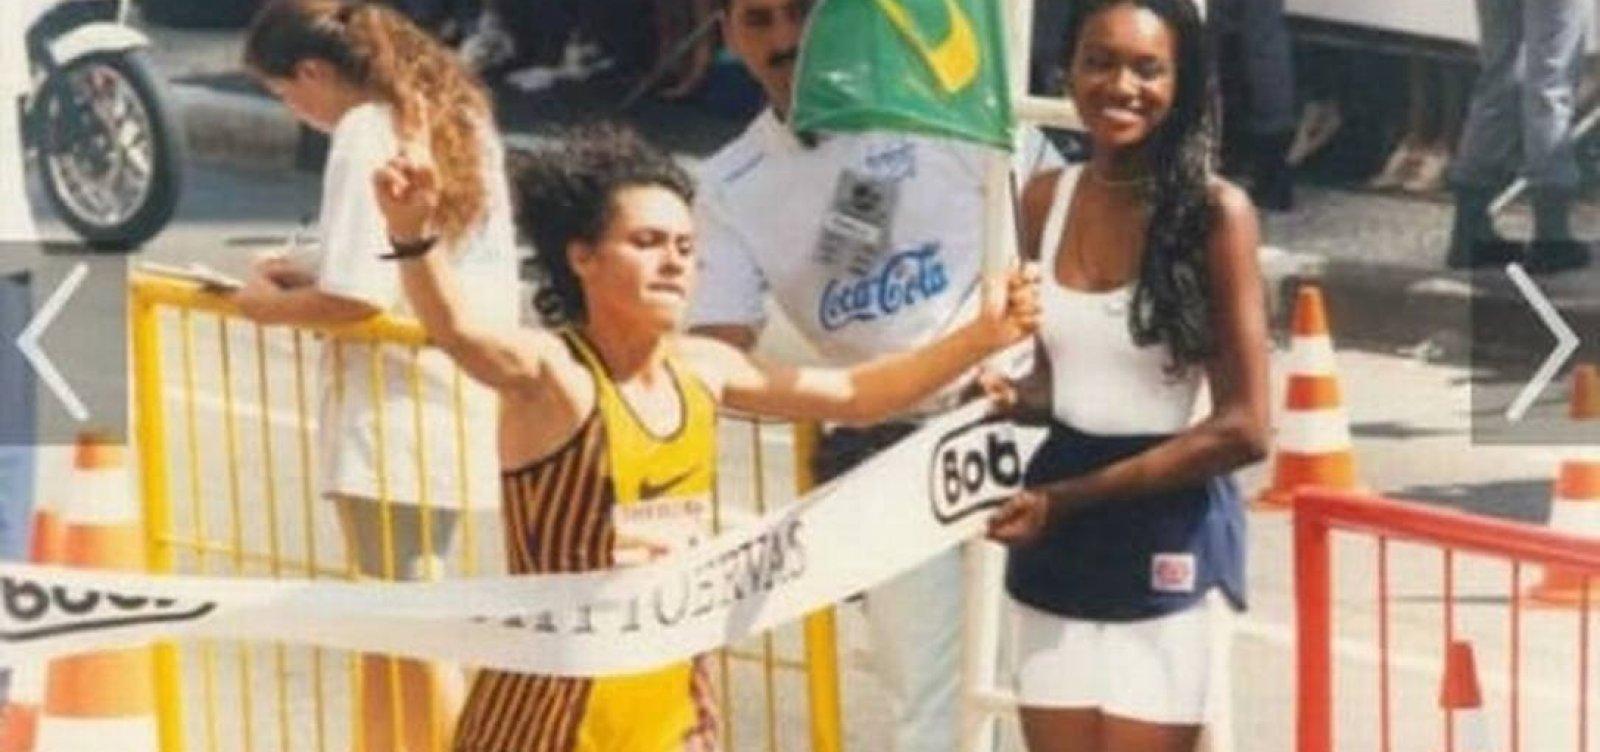 Campeã da São Silvestre, Roseli Machado morre de Covid-19